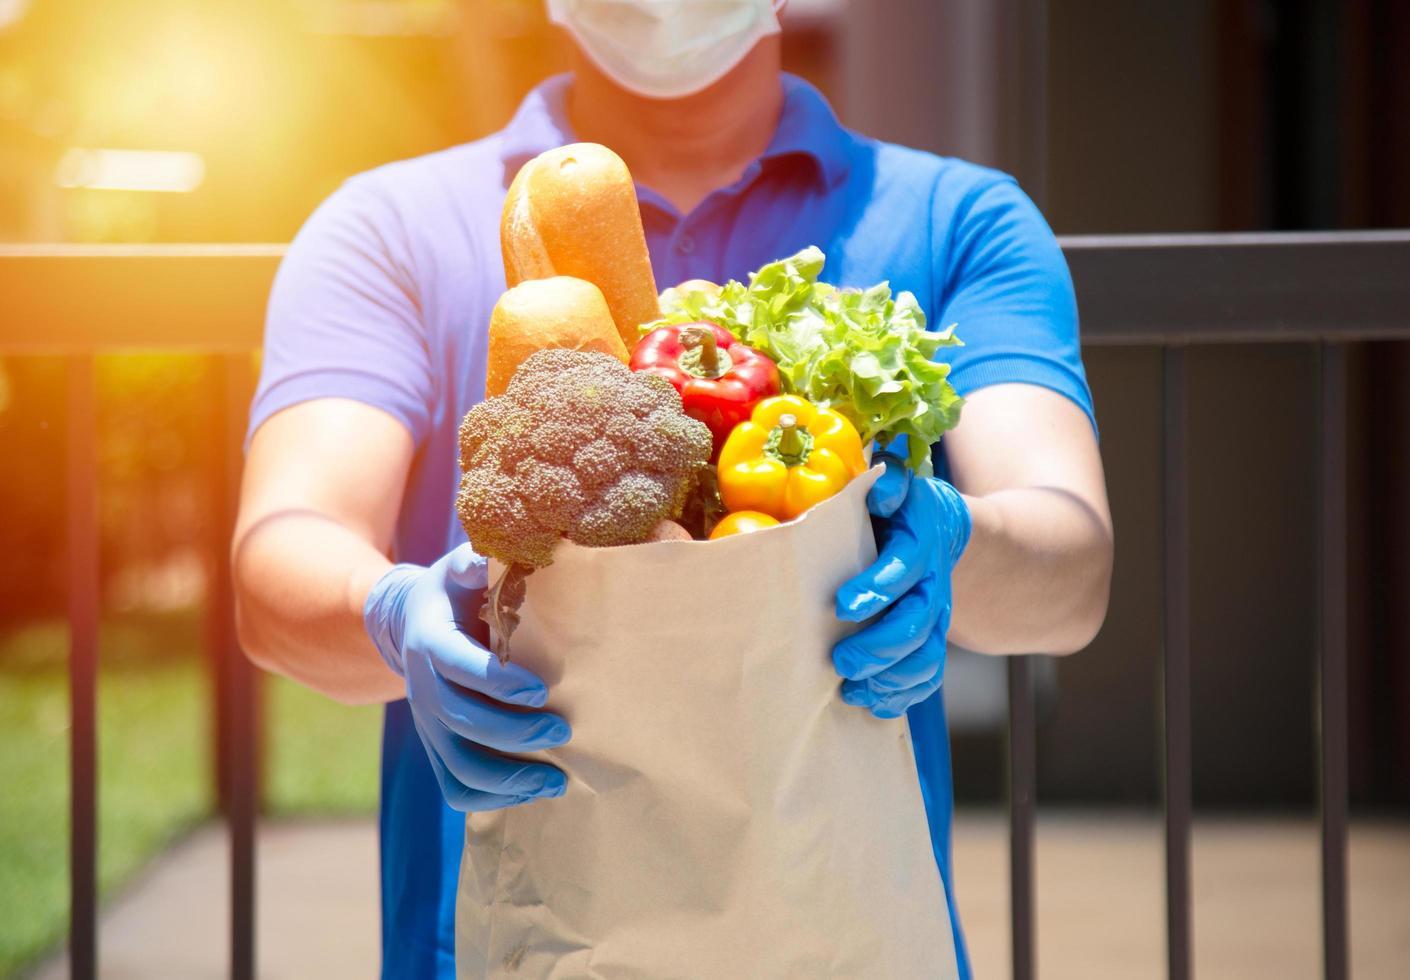 proveedores de servicios de alimentos con máscaras y guantes. quedarse en casa reduce la propagación del virus covid-19 foto